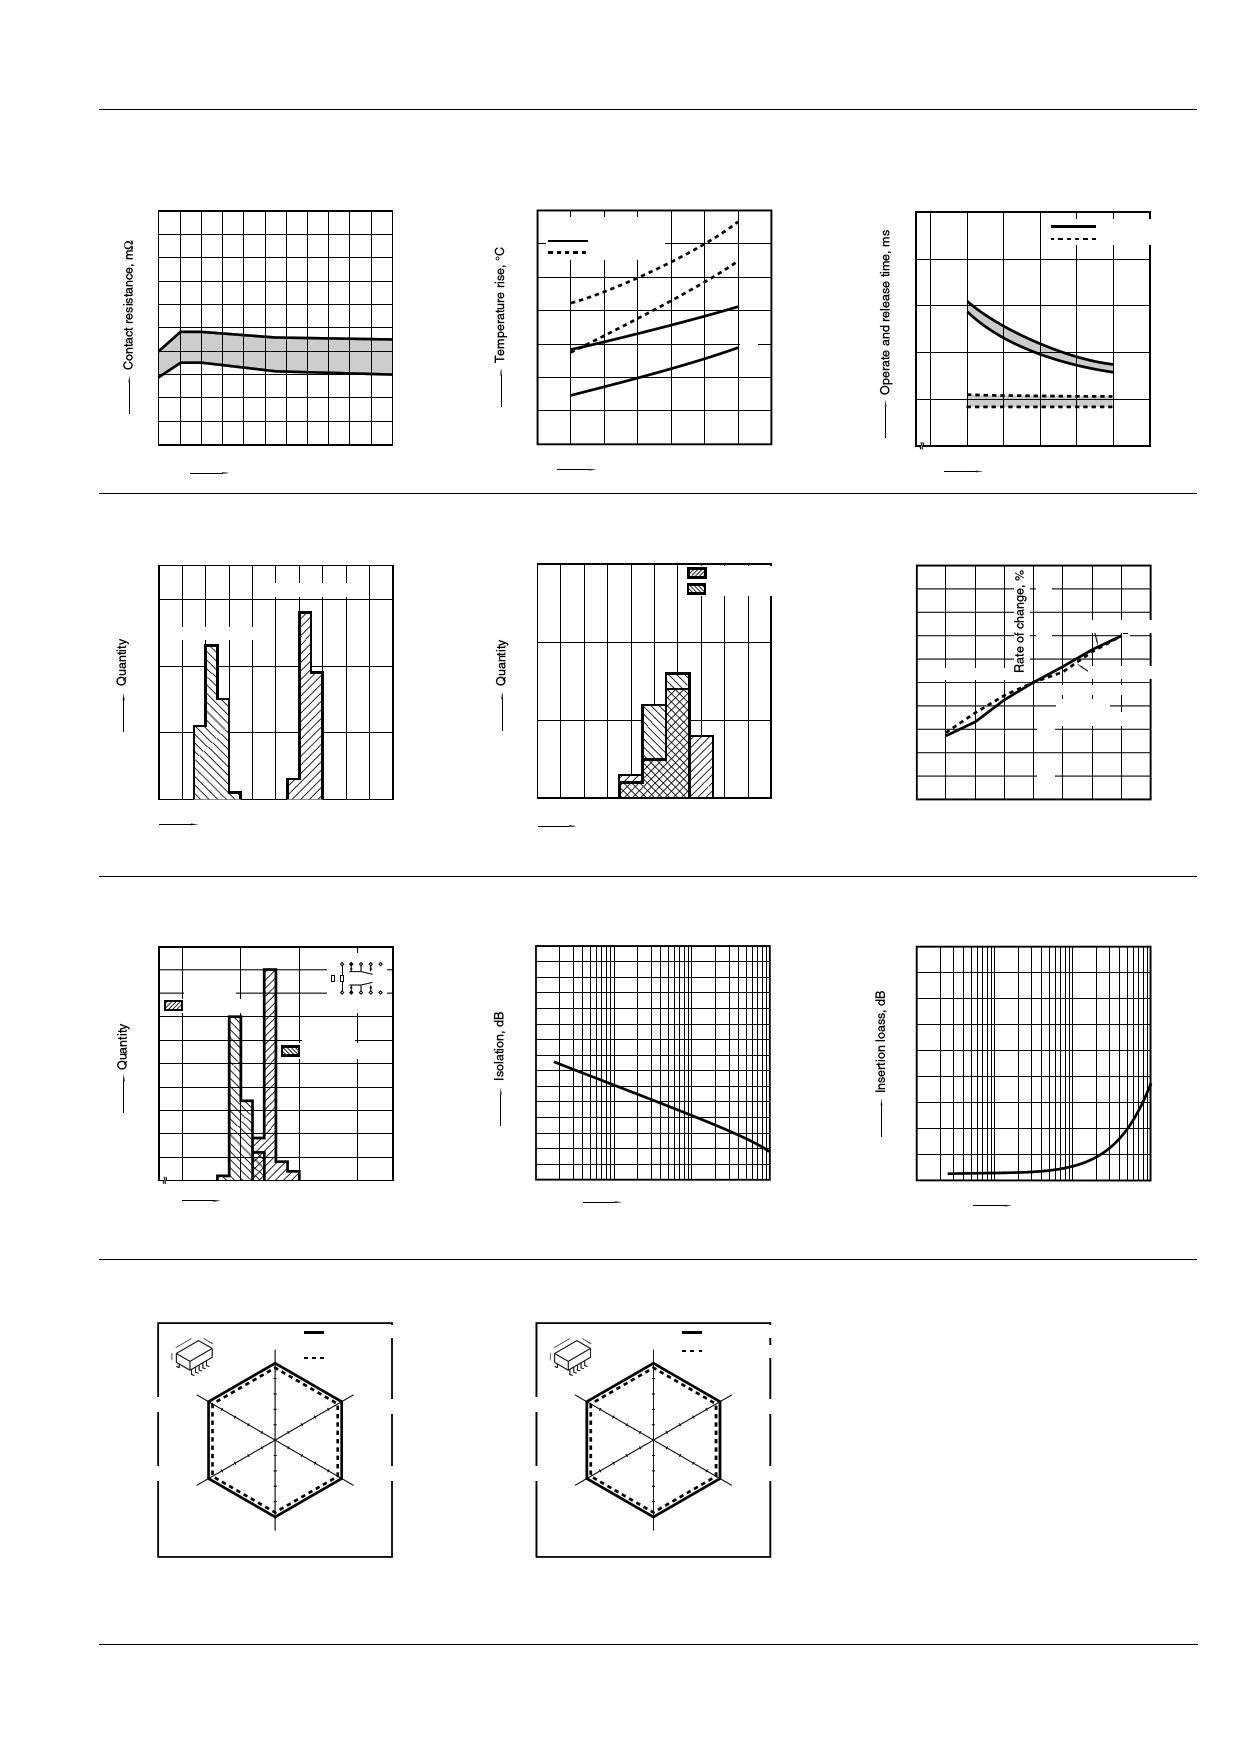 TQ2SS-6V pdf, 반도체, 판매, 대치품